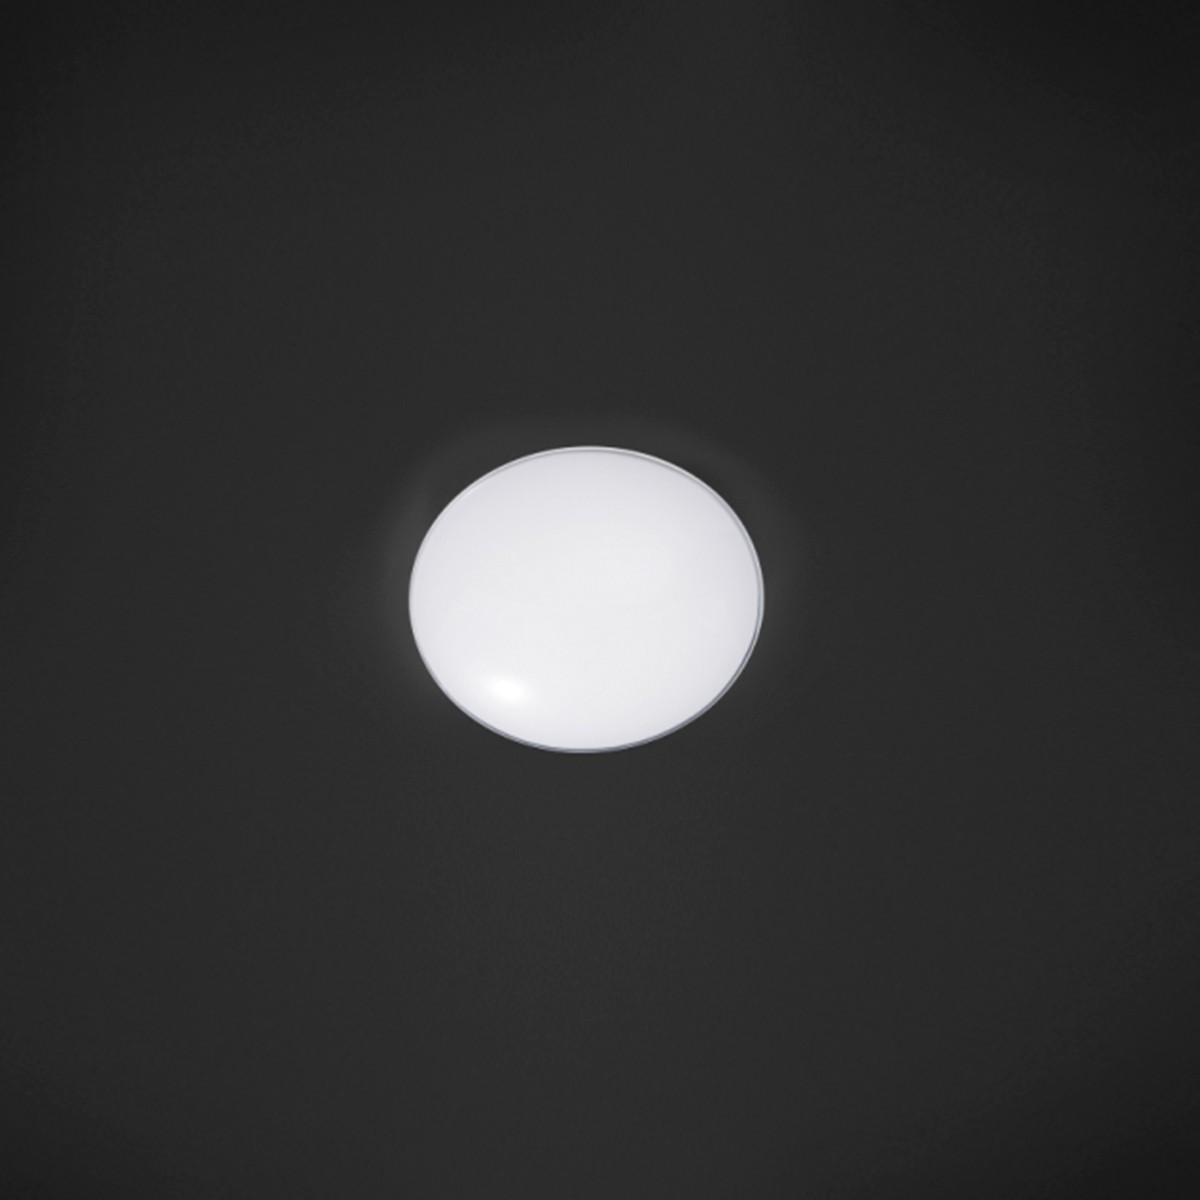 Bankamp Toledo Deckenleuchte, Ø: 32 cm, opalweiß / klar